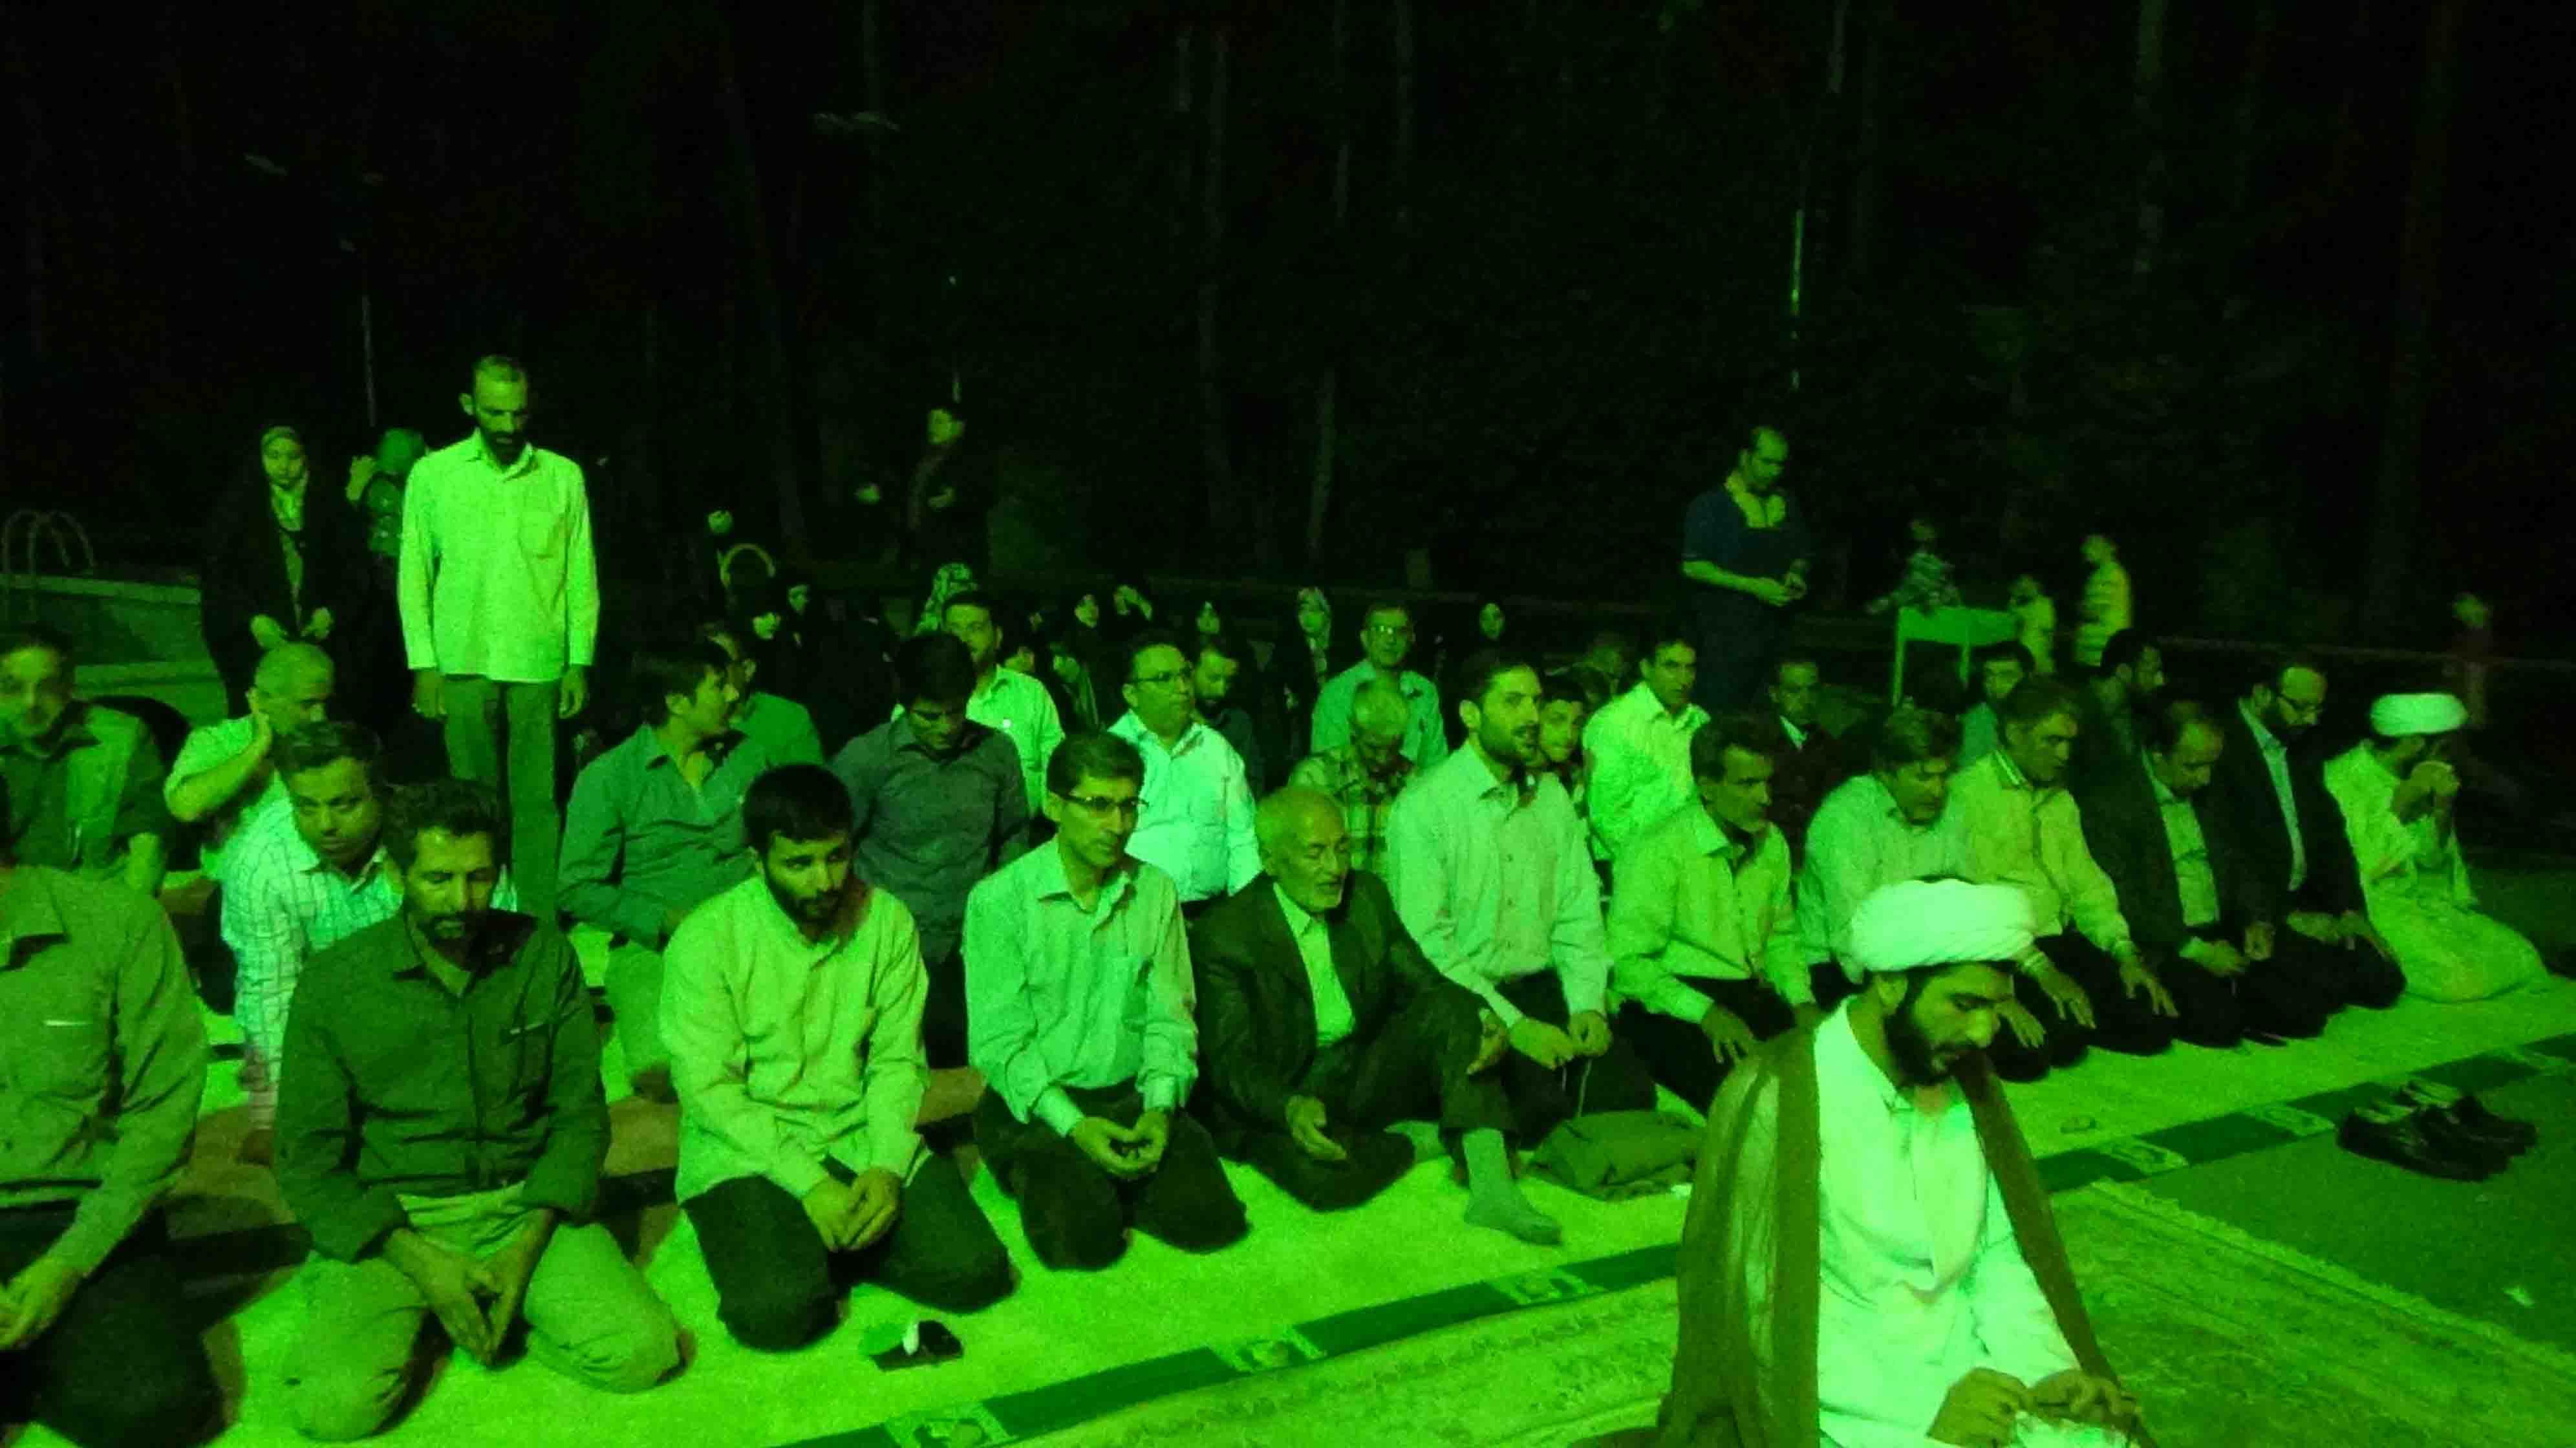 مراسم افطاری موسسه فرهنگی اندیشه وتدبیر انقلاب اسلامی/ 9 تیر 94